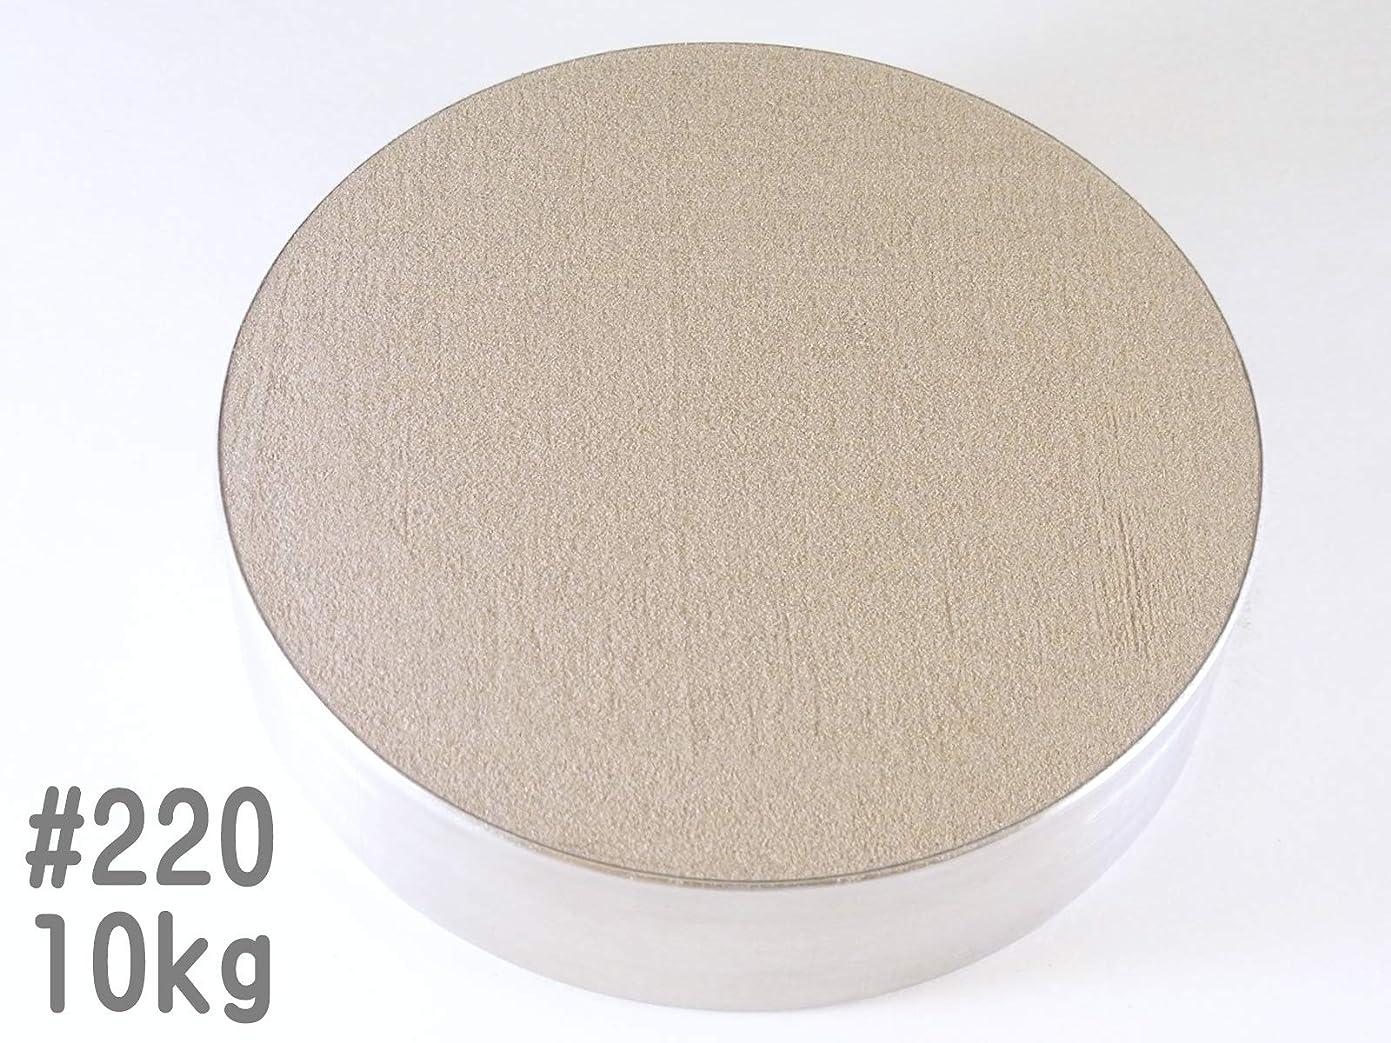 飾るカバー分散#220 (10kg) アルミナサンド/アルミナメディア/砂/褐色アルミナ サンドブラスト用(番手サイズは7種類から #40#60#80#100#120#180#220 )a220-10-①